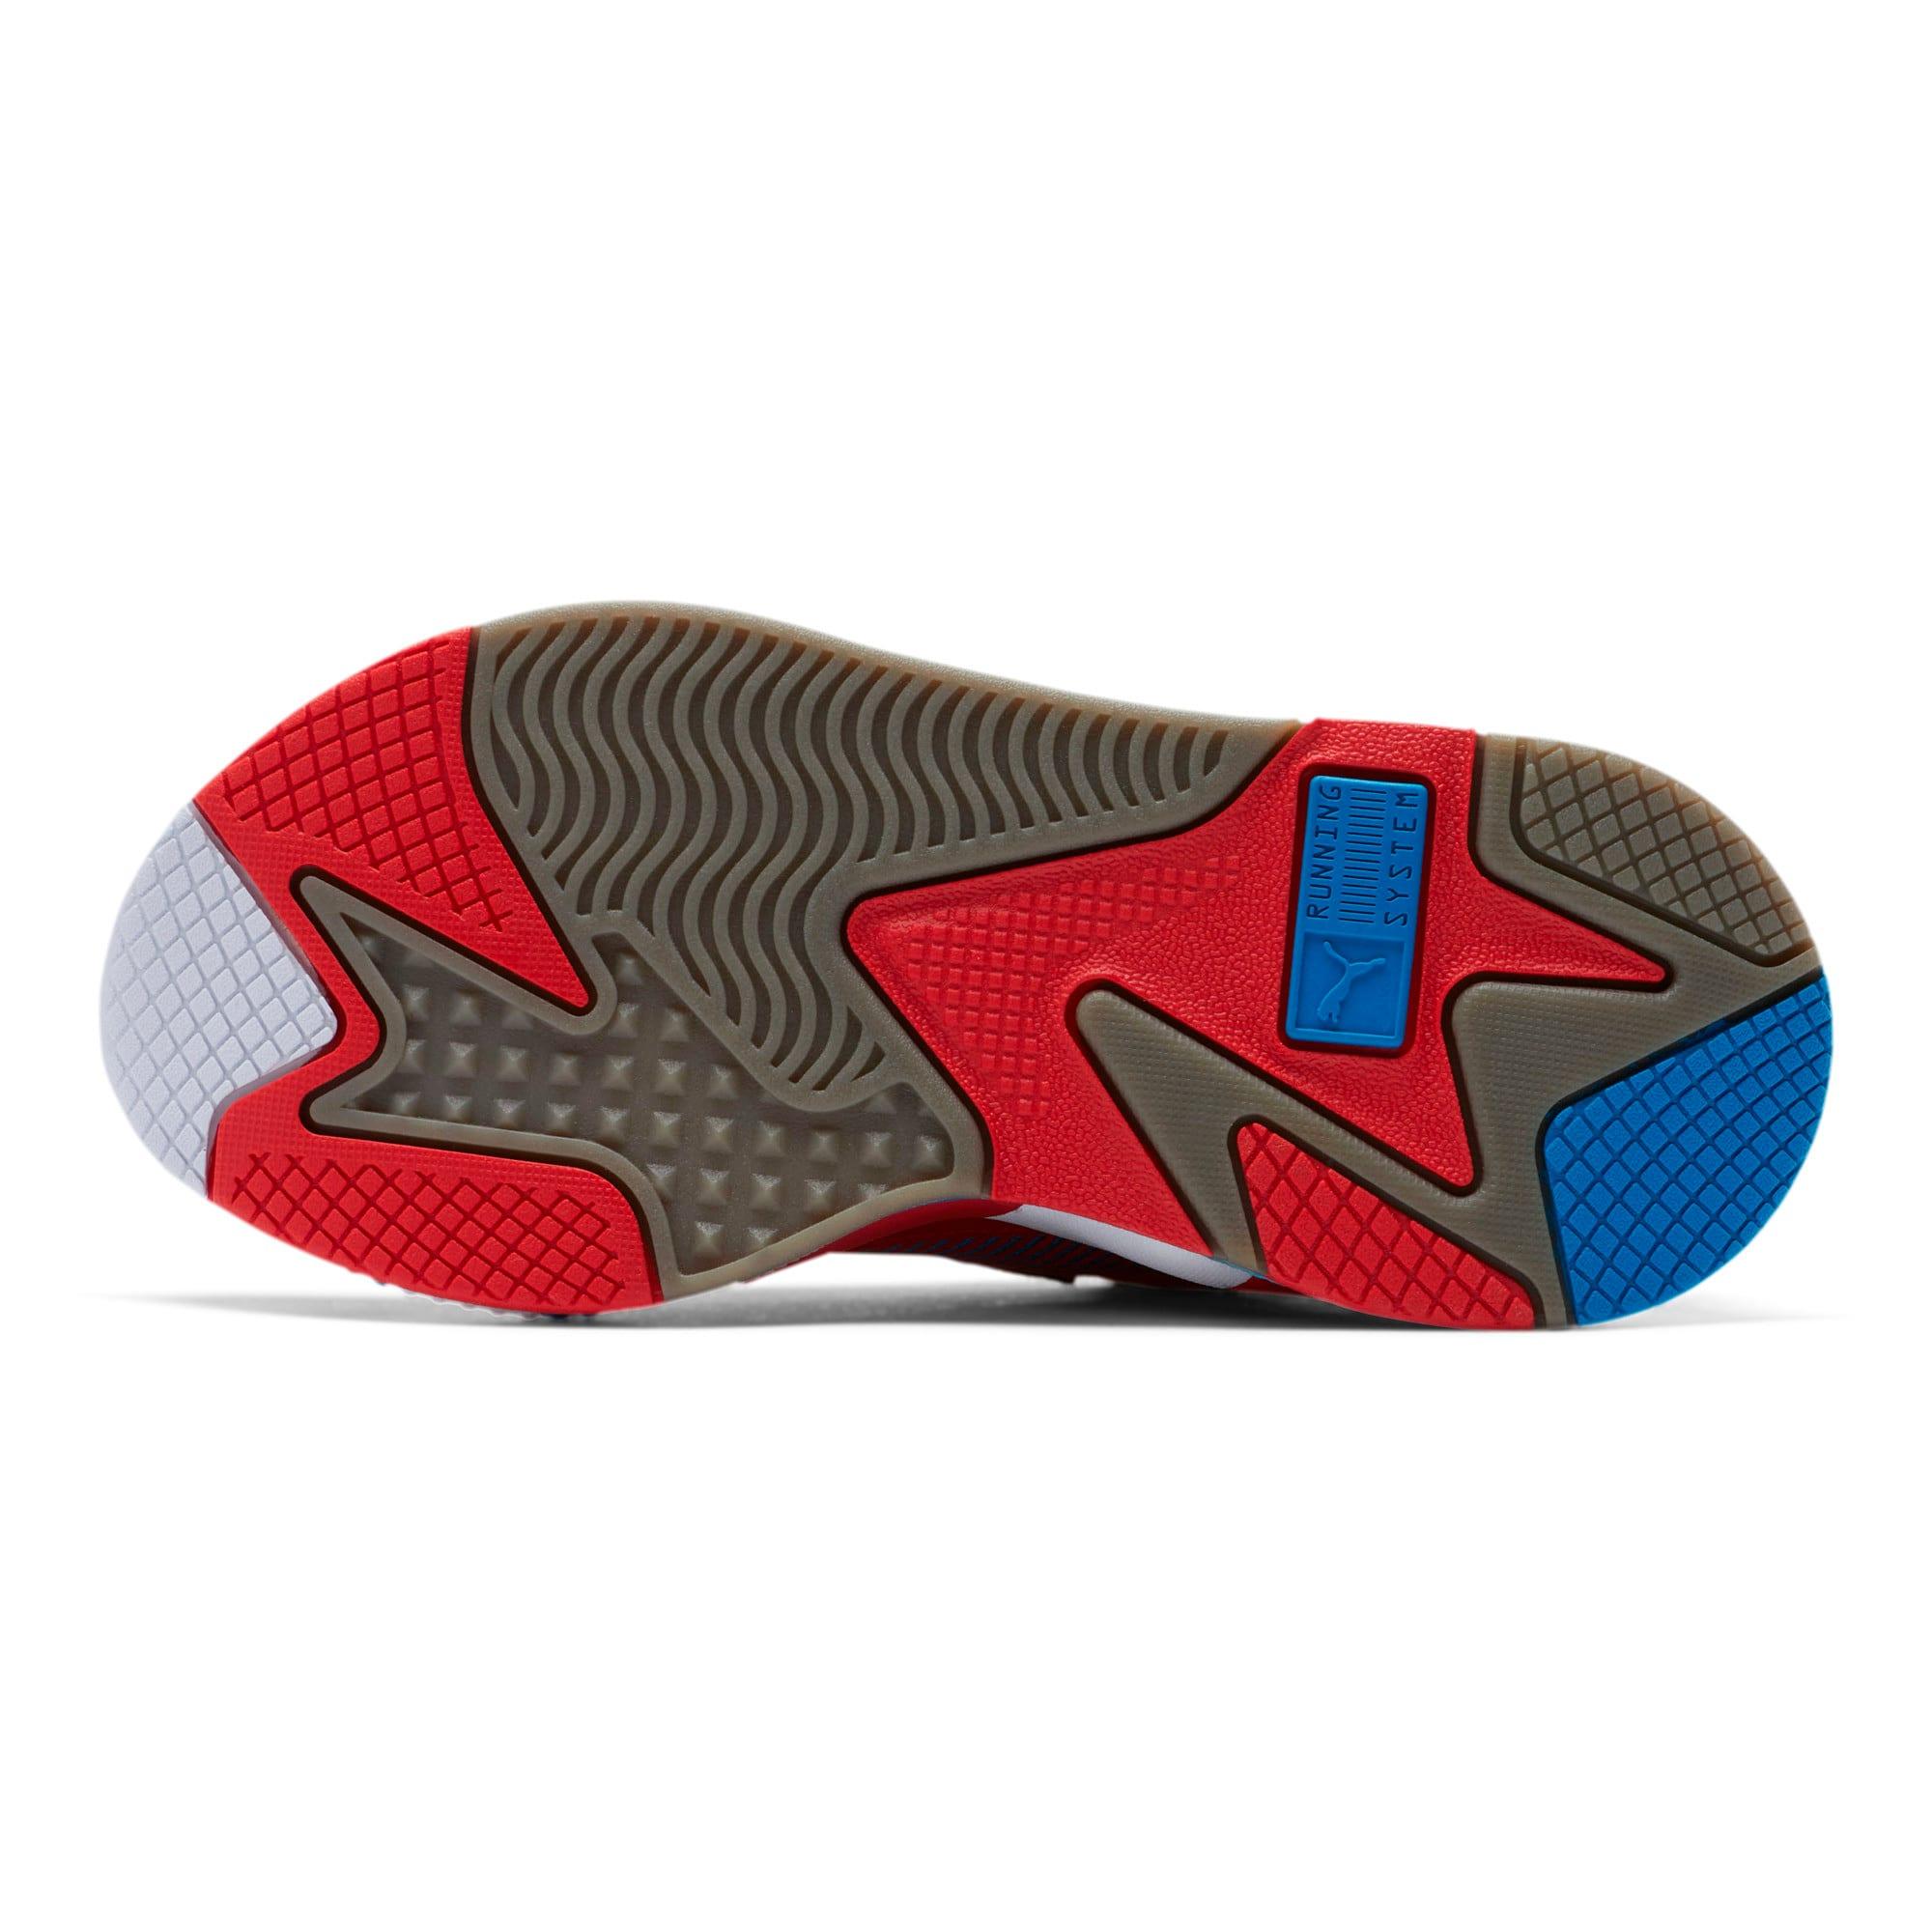 Thumbnail 4 of RS-X Retro Sneakers JR, Hi Ri Red-Ste Gray-In Bunti, medium